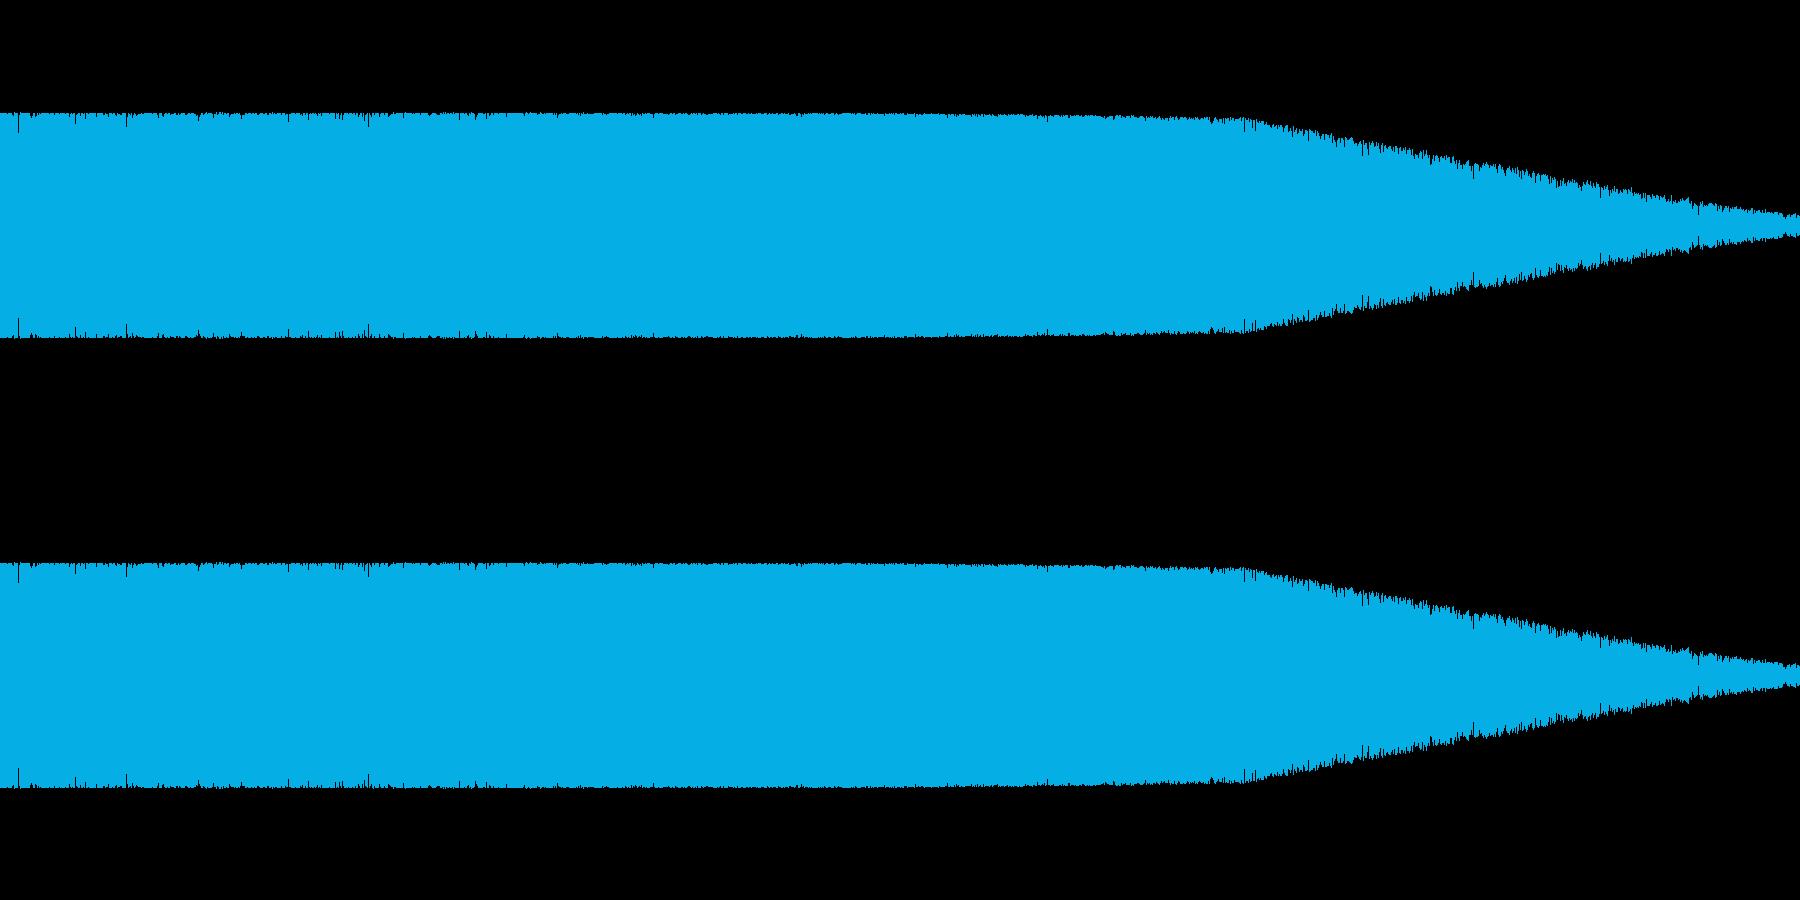 ロボット足音 タイプ5の再生済みの波形